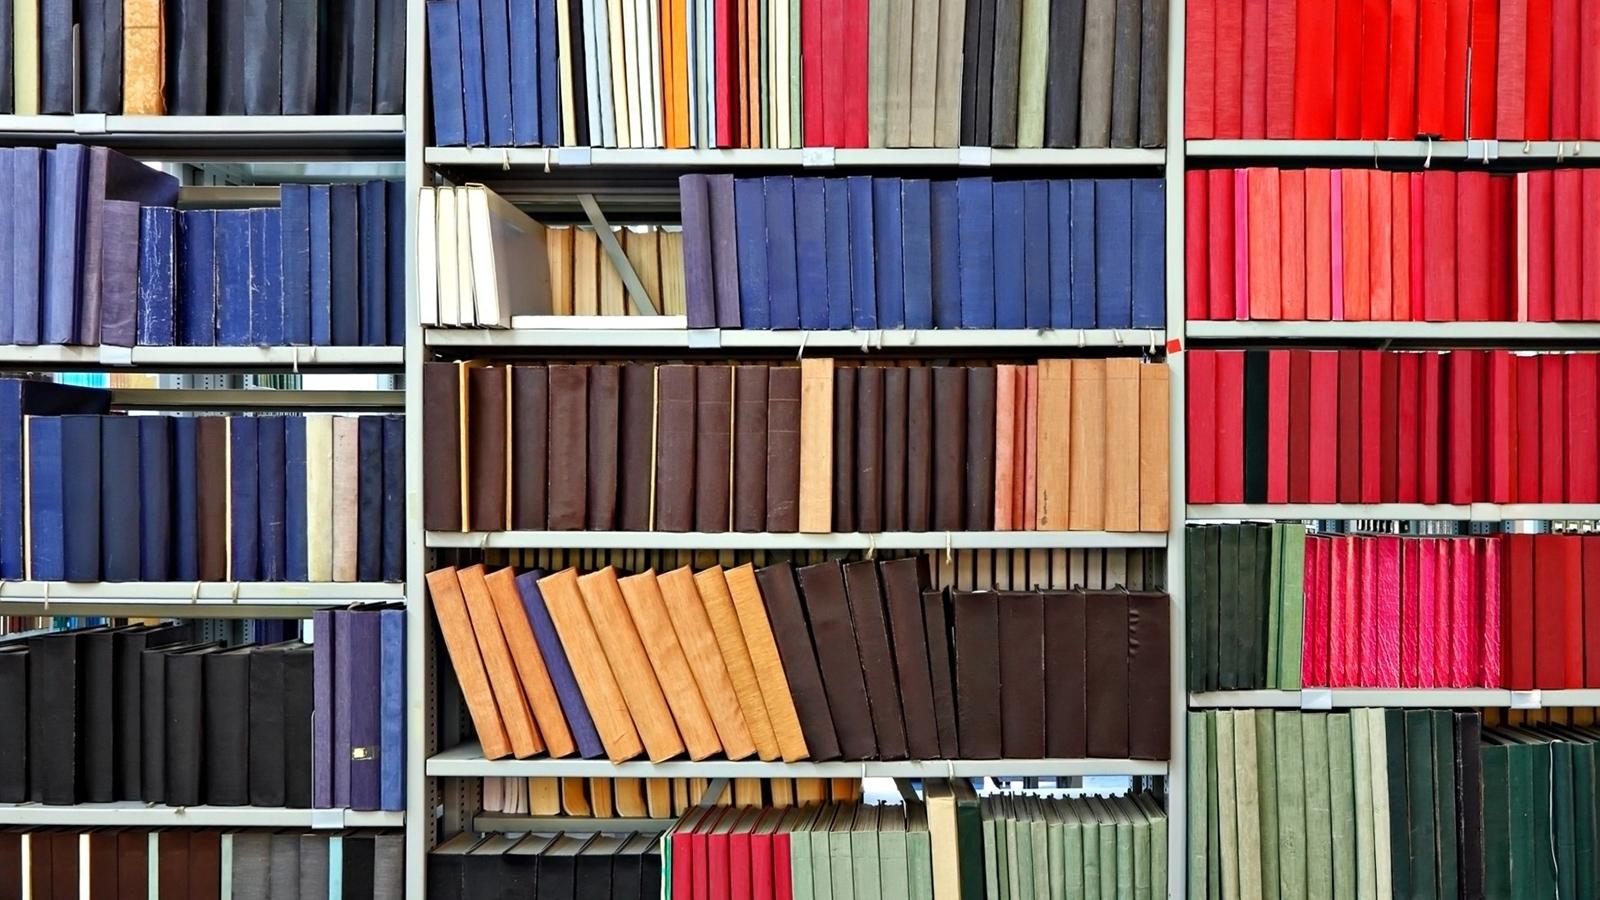 Publishers -